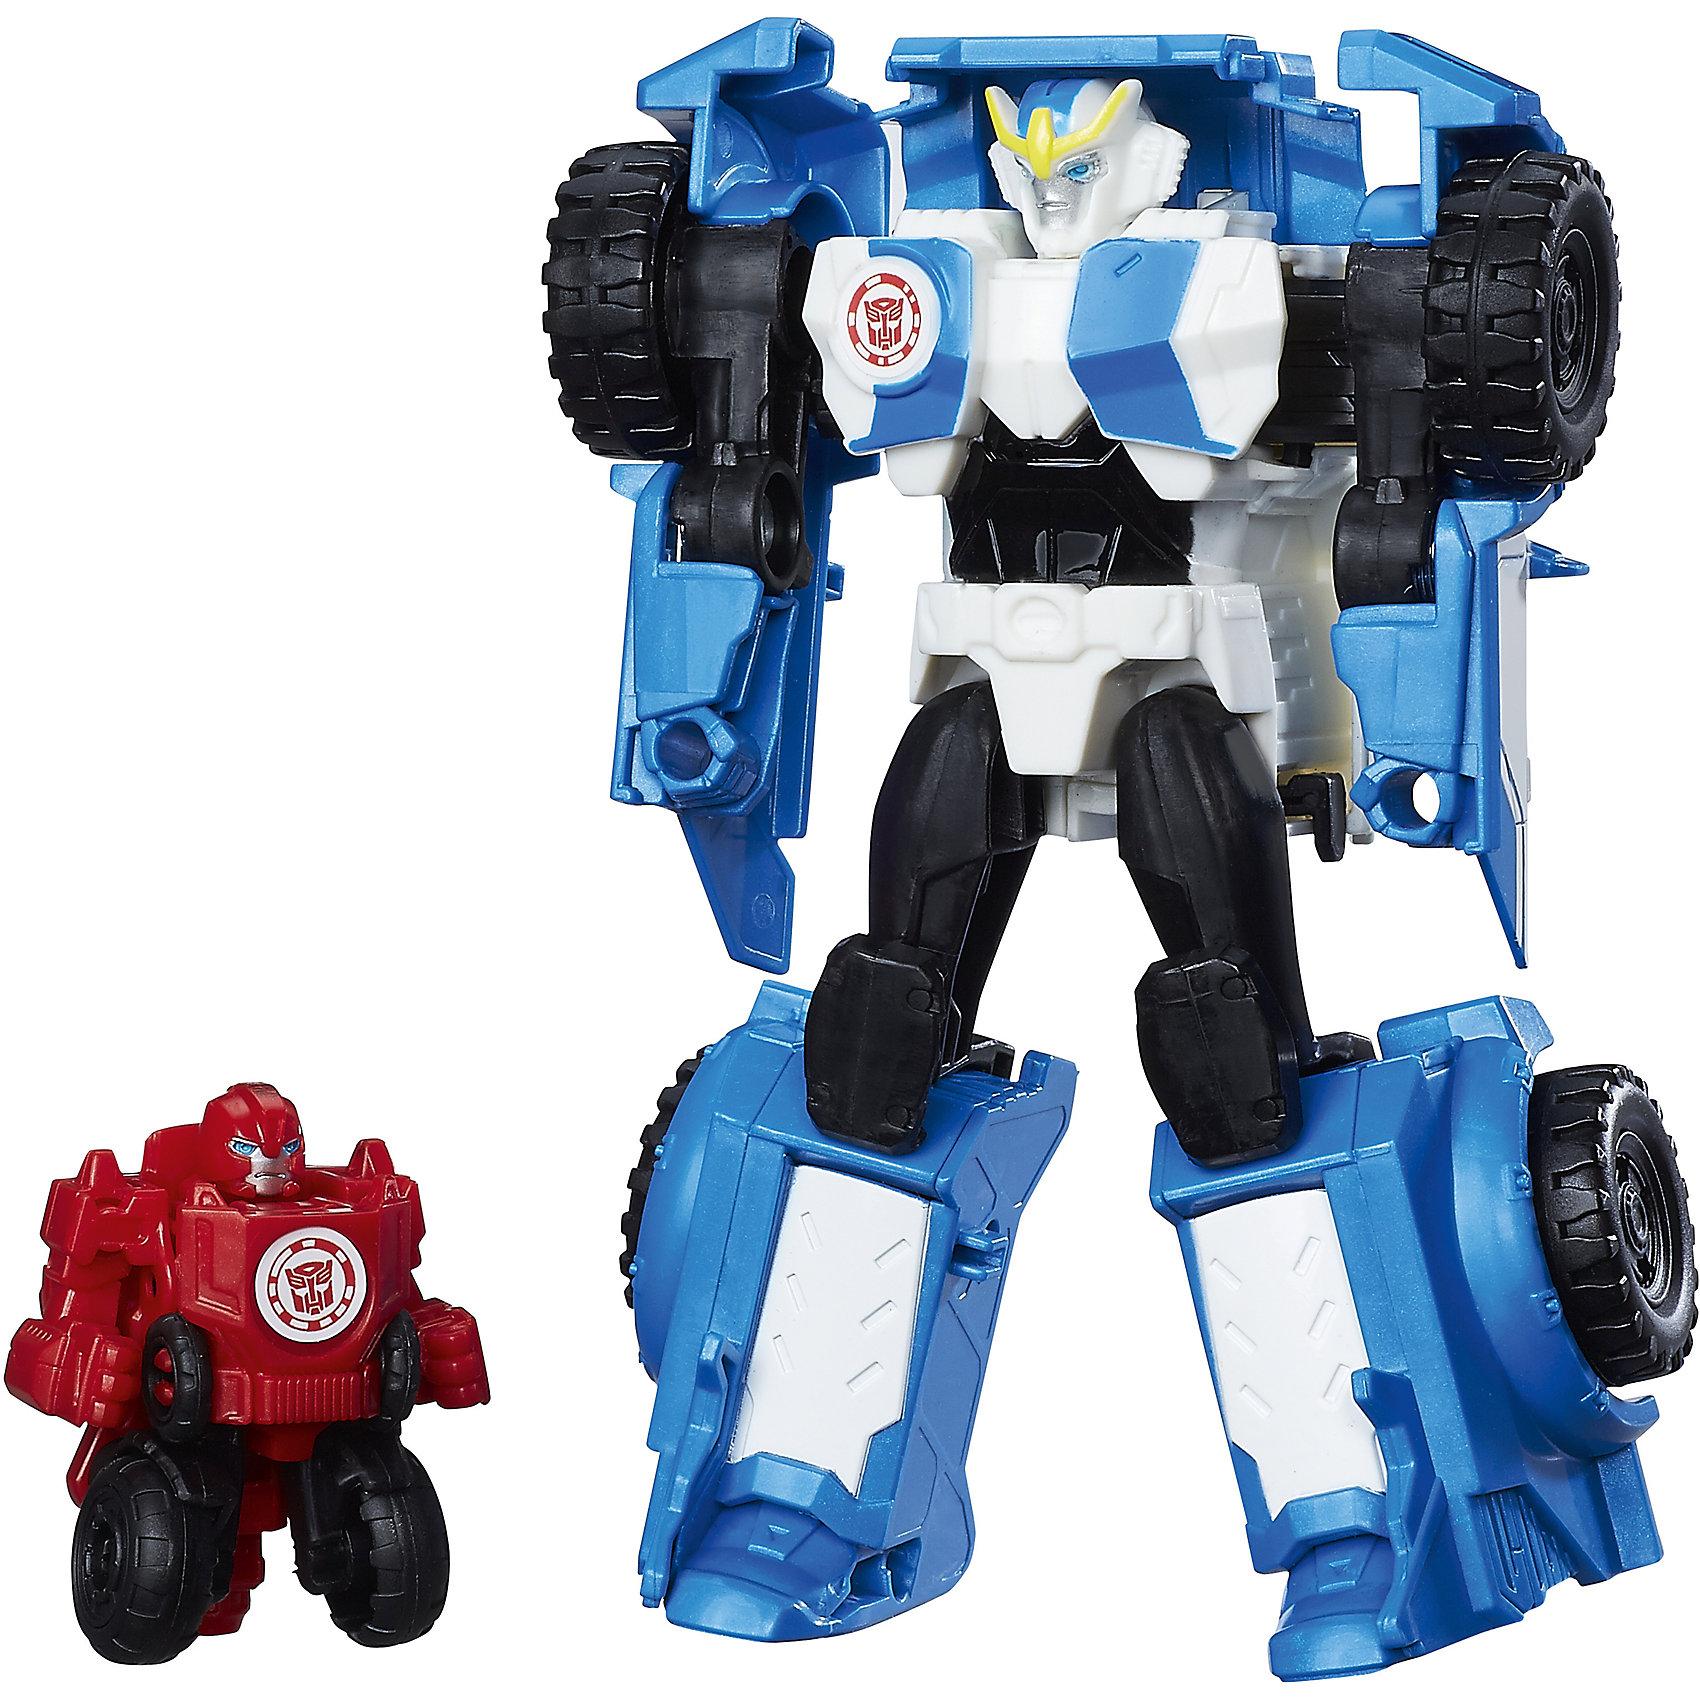 Роботы под прикрытием: Гирхэд-Комбайнер, Трансформеры, C0653/C0655Игрушки<br>Роботы под прикрытием: Гирхэд-Комбайнер, Трансформеры, C0653/C0655<br><br>Характеристики:<br><br>- в набор входит: трансформер, активатор<br>- состав: пластик<br>- для детей в возрасте: от 6 до 12 лет<br>- Страна производитель: Китай<br><br>Знаменитые роботы Трансформеры из серии Роботы под прикрытием от известного американского бренда товаров для детей Hasbro (Хасбро) придут по вкусу всем фанатам роботов, машин и фильмов Трансформеры. В сложенном виде робот выглядит как обычная машинка, на крышу присоединяется собранный активатор-трансформер. Машинка отлично ездит и хорошо детализирована. Машинку легко разложить во внушительного робота, защищающего людей. Робот двигает руками и ногами, небольшой активатор тоже раскладывается в мини-робота с лицом и руками. Вместе с установленным мини-роботом трансформер работает в особом секретном режиме. <br><br>Соберите всех трансформеров из серии Роботы под прикрытием и никогда с ними не расставайтесь! Набор отлично подойдет как для игры дома, так и для игр в поездке. Все детали изготовлены из высококачественного пластика. Играя с этим набором ребенок сможет развивать социальные навыки, развивать воображение и творческие способности. <br><br>Игрушку Роботы под прикрытием: Гирхэд-Комбайнер, Трансформеры, C0653/C0655 можно купить в нашем интернет-магазине.<br><br>Ширина мм: 60<br>Глубина мм: 229<br>Высота мм: 203<br>Вес г: 285<br>Возраст от месяцев: 72<br>Возраст до месяцев: 192<br>Пол: Мужской<br>Возраст: Детский<br>SKU: 5385792